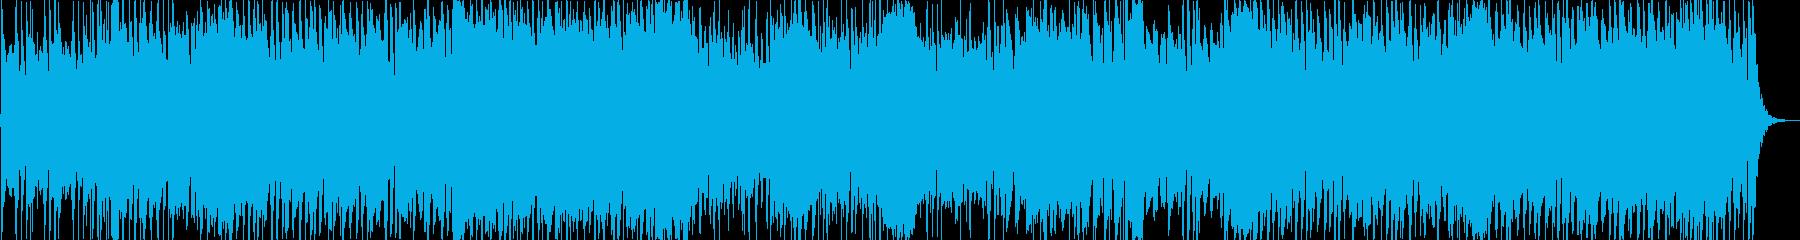 映画・ゲーム用バトルBGM36の再生済みの波形